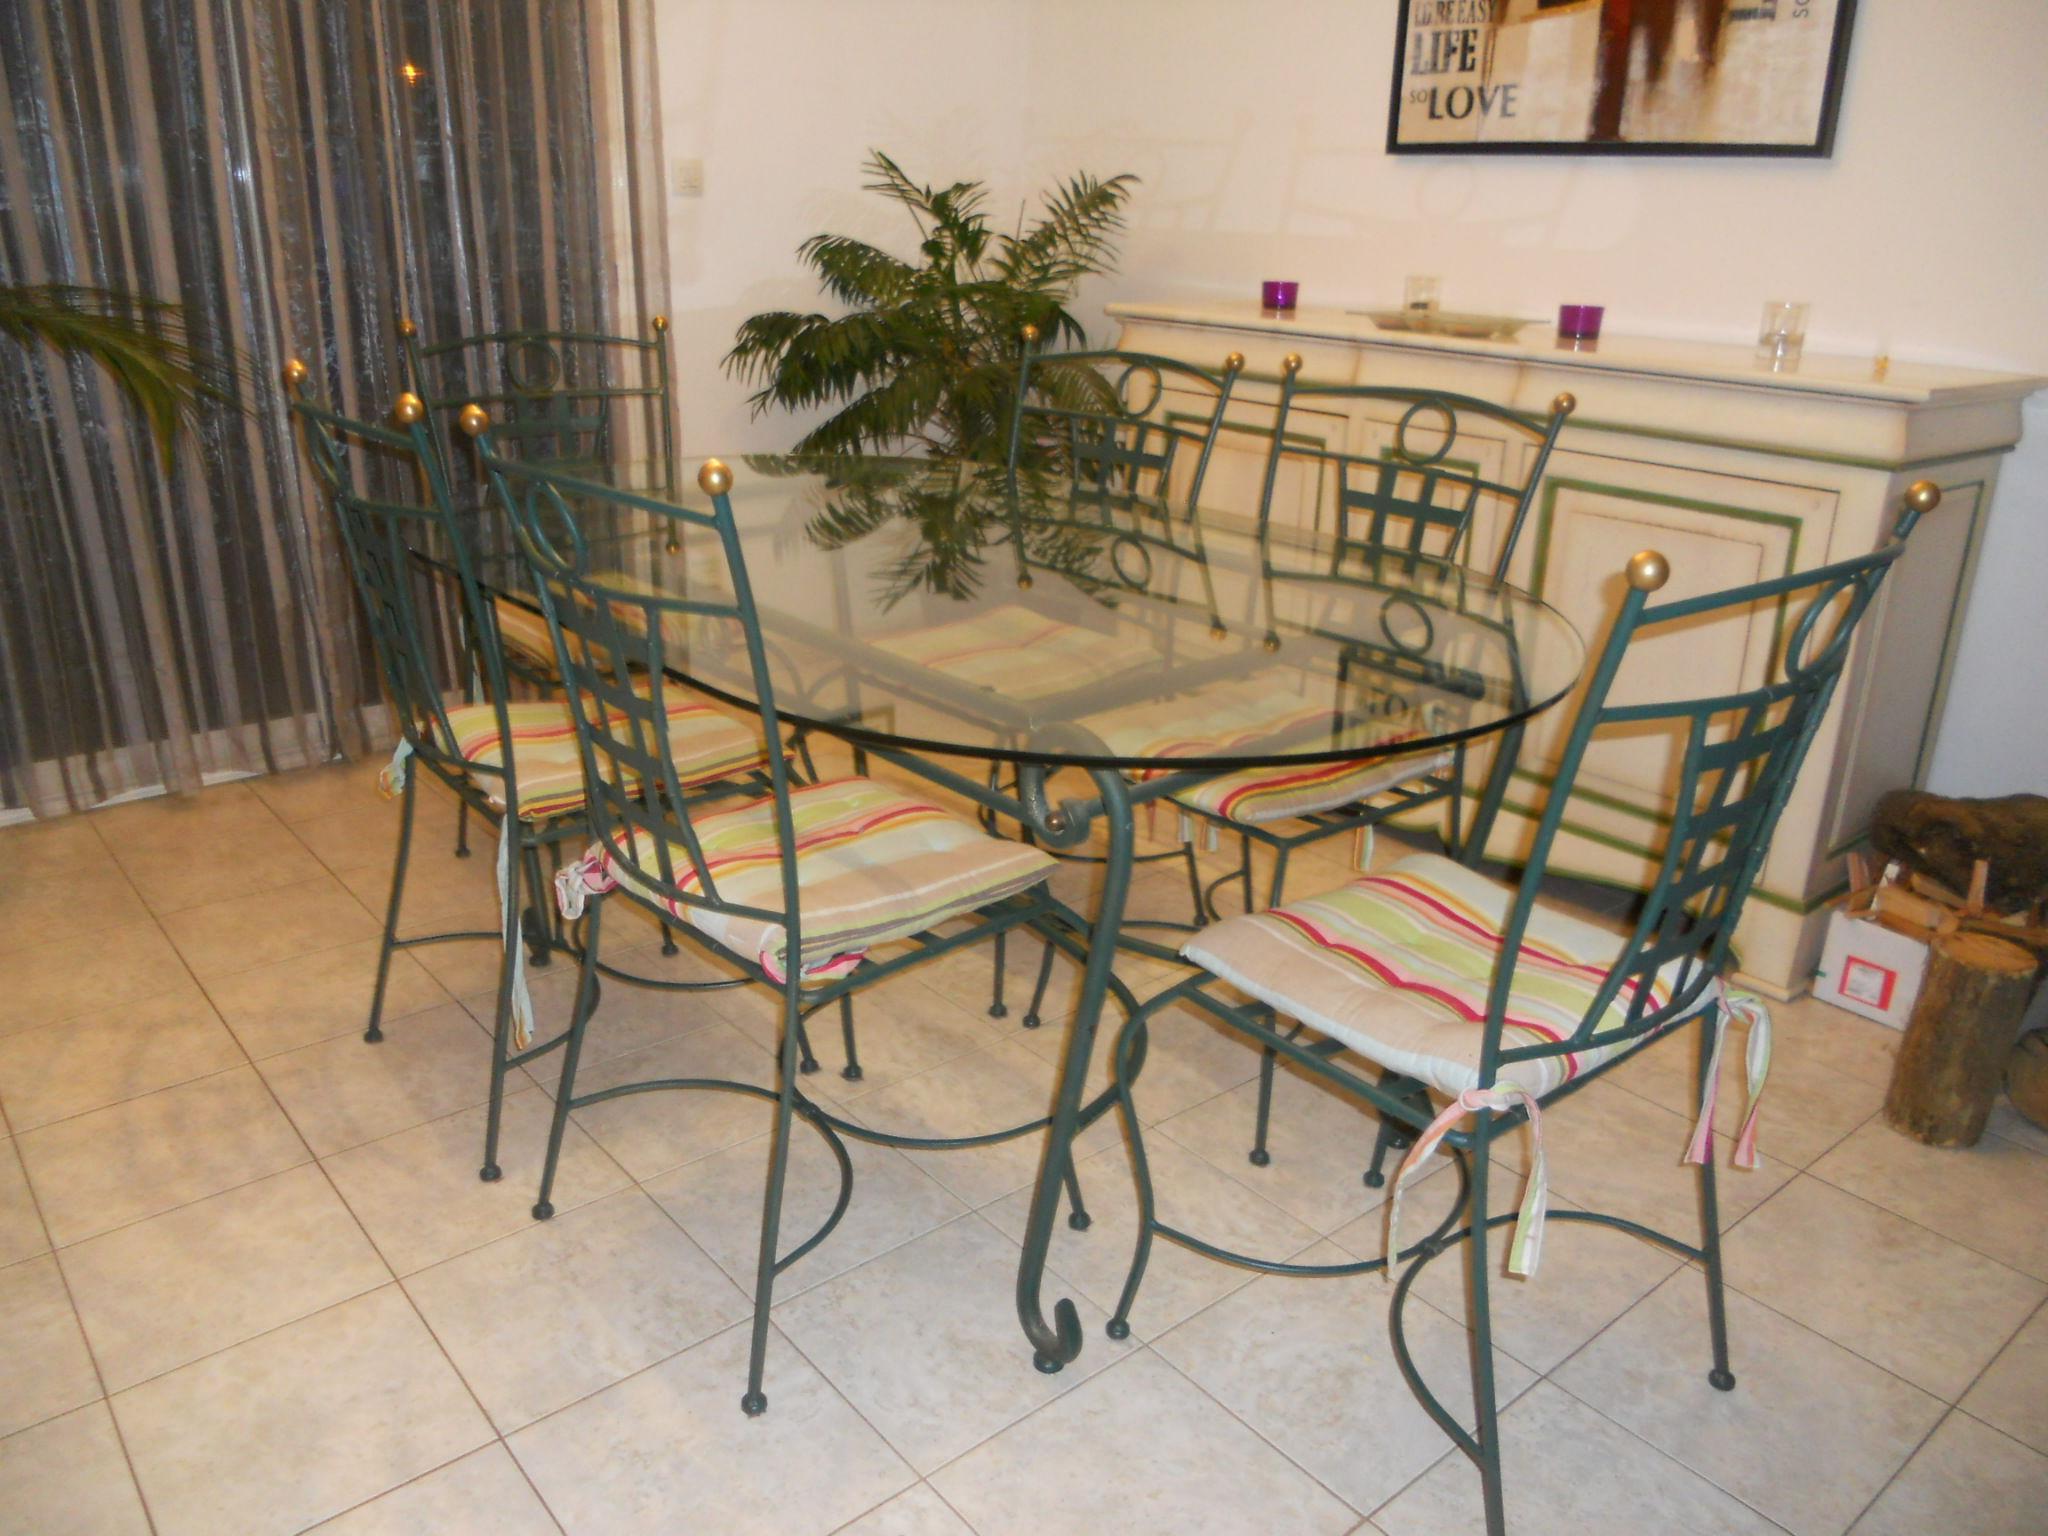 Achetez Salle À Manger Occasion, Annonce Vente À Beaulieu à Table Salle A Manger En Fer Forgé